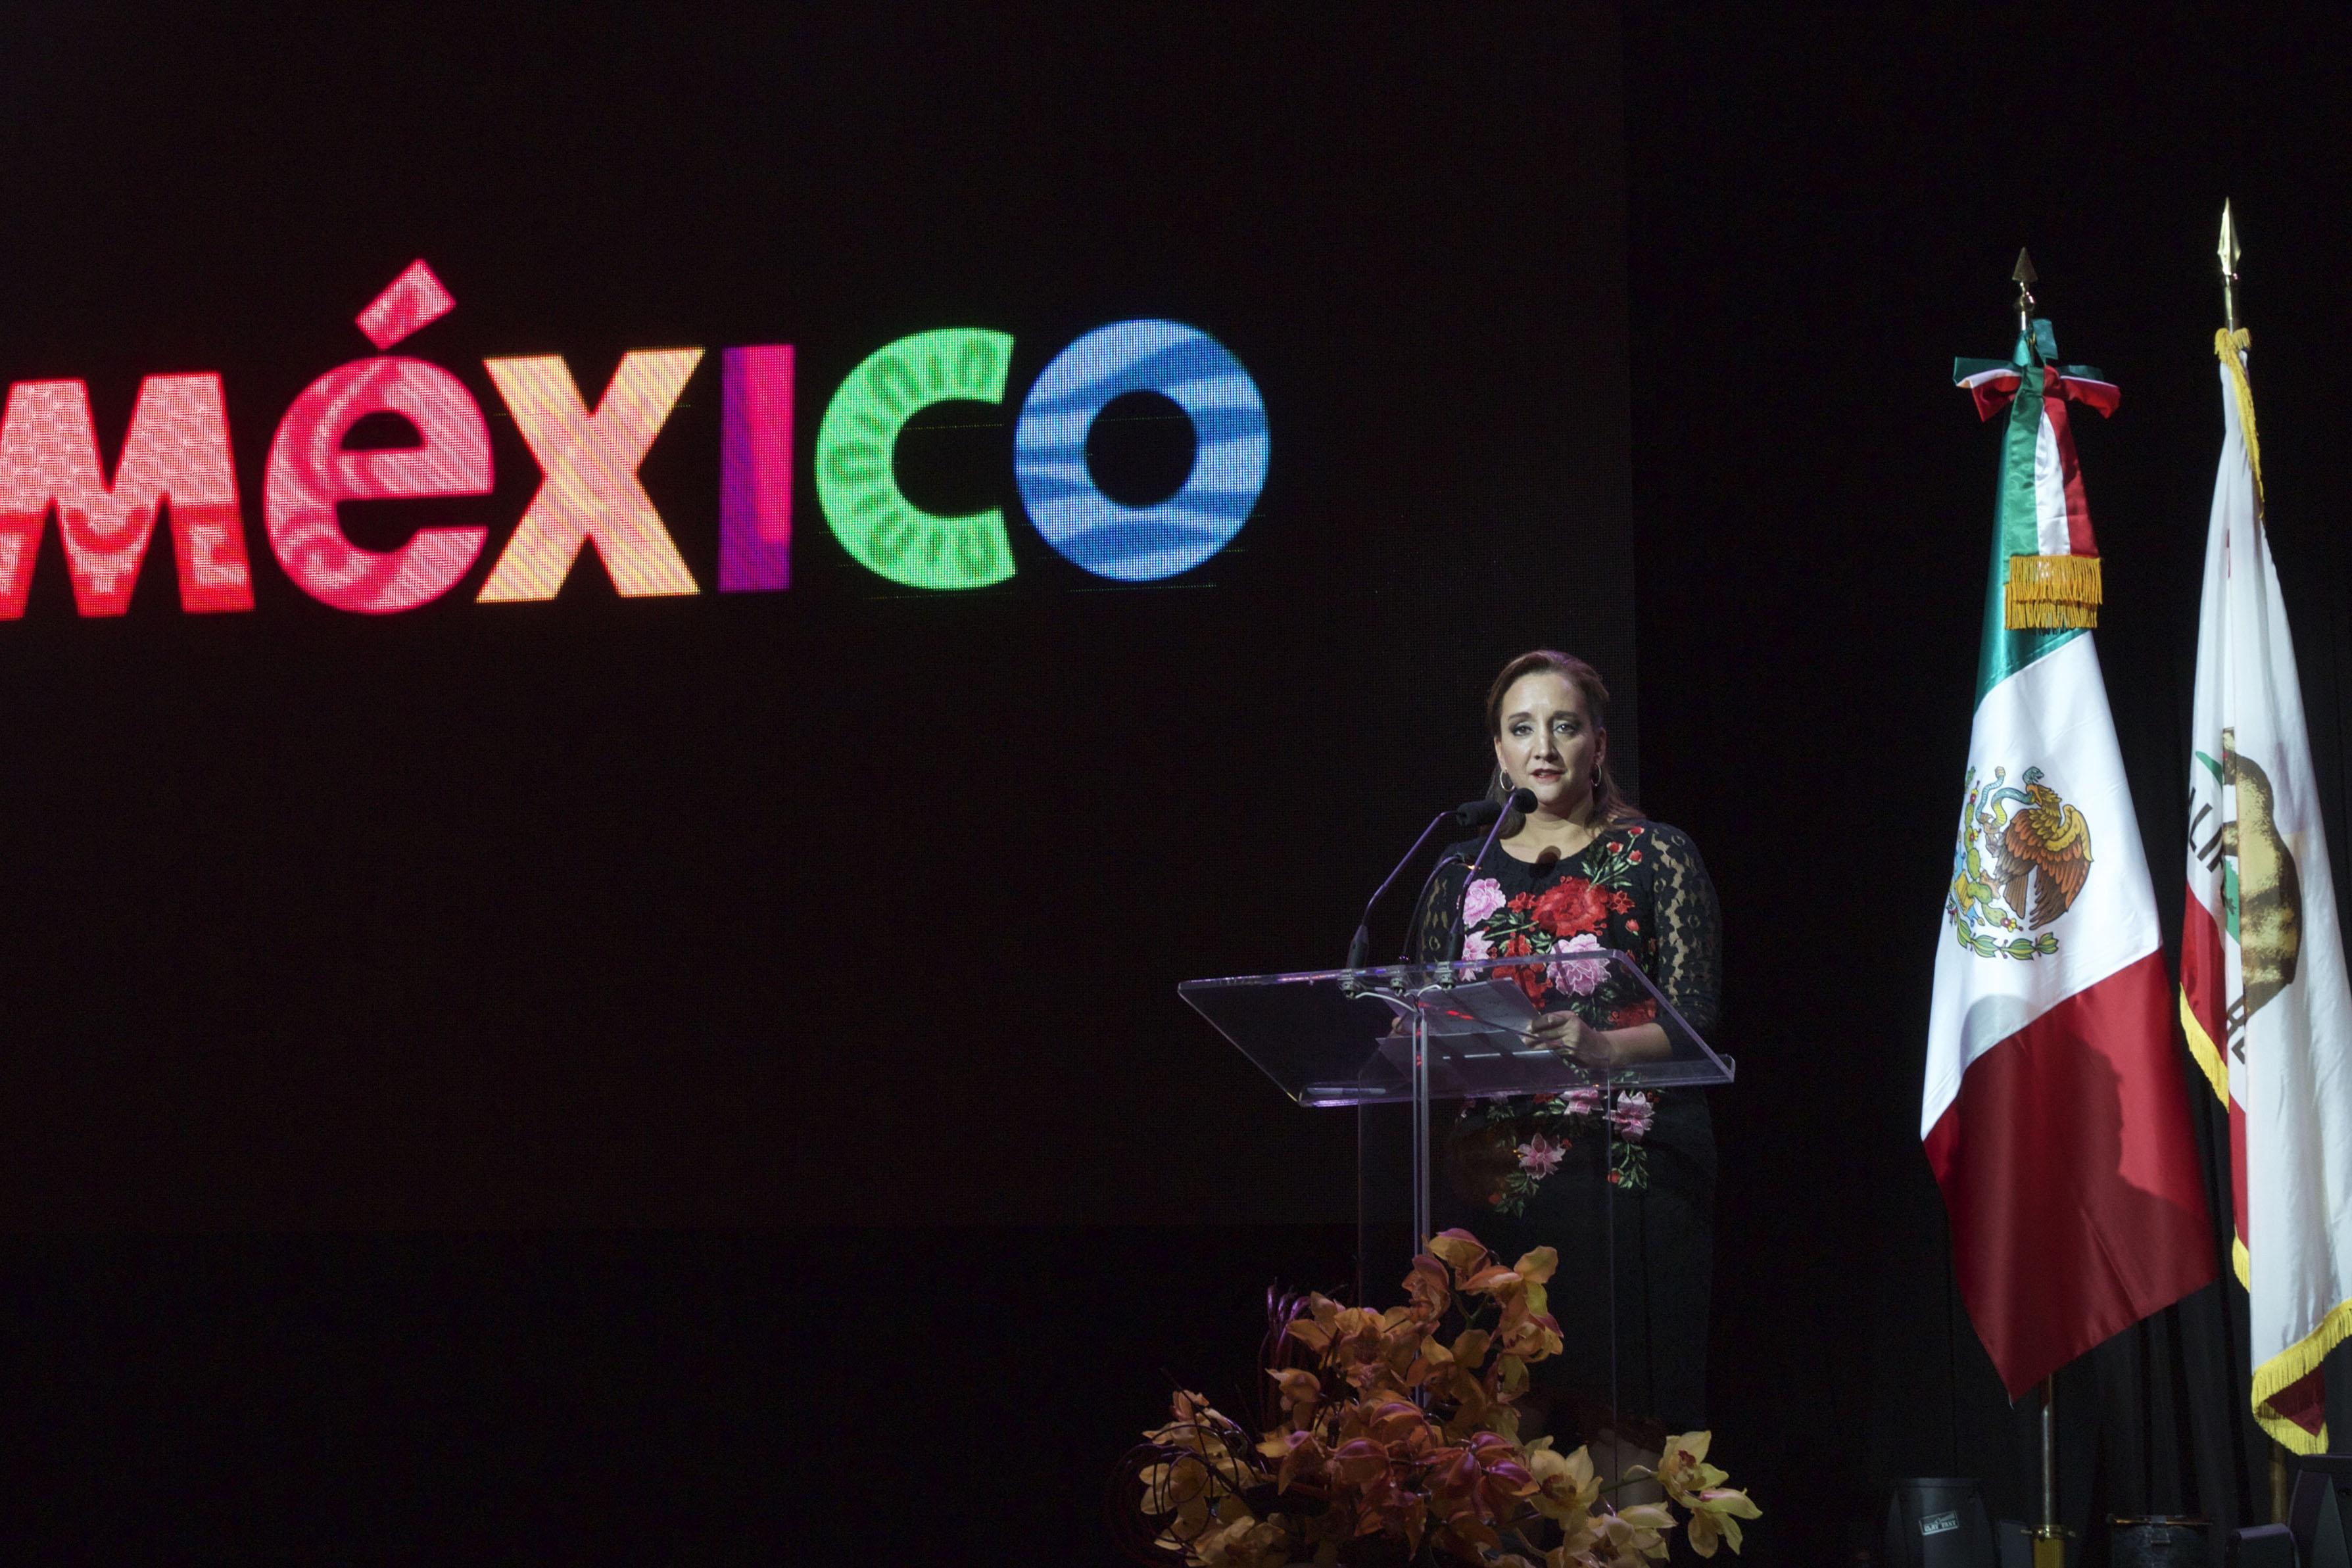 """La Secretaria de Turismo, Claudia Ruiz Massieu, presentó en Los Ángeles, Estados Unidos, la campaña """"Mi México"""" con el objetivo de aumentar el número de visitantes hispanos de aquel país a diversos lugares de la República Mexicana."""